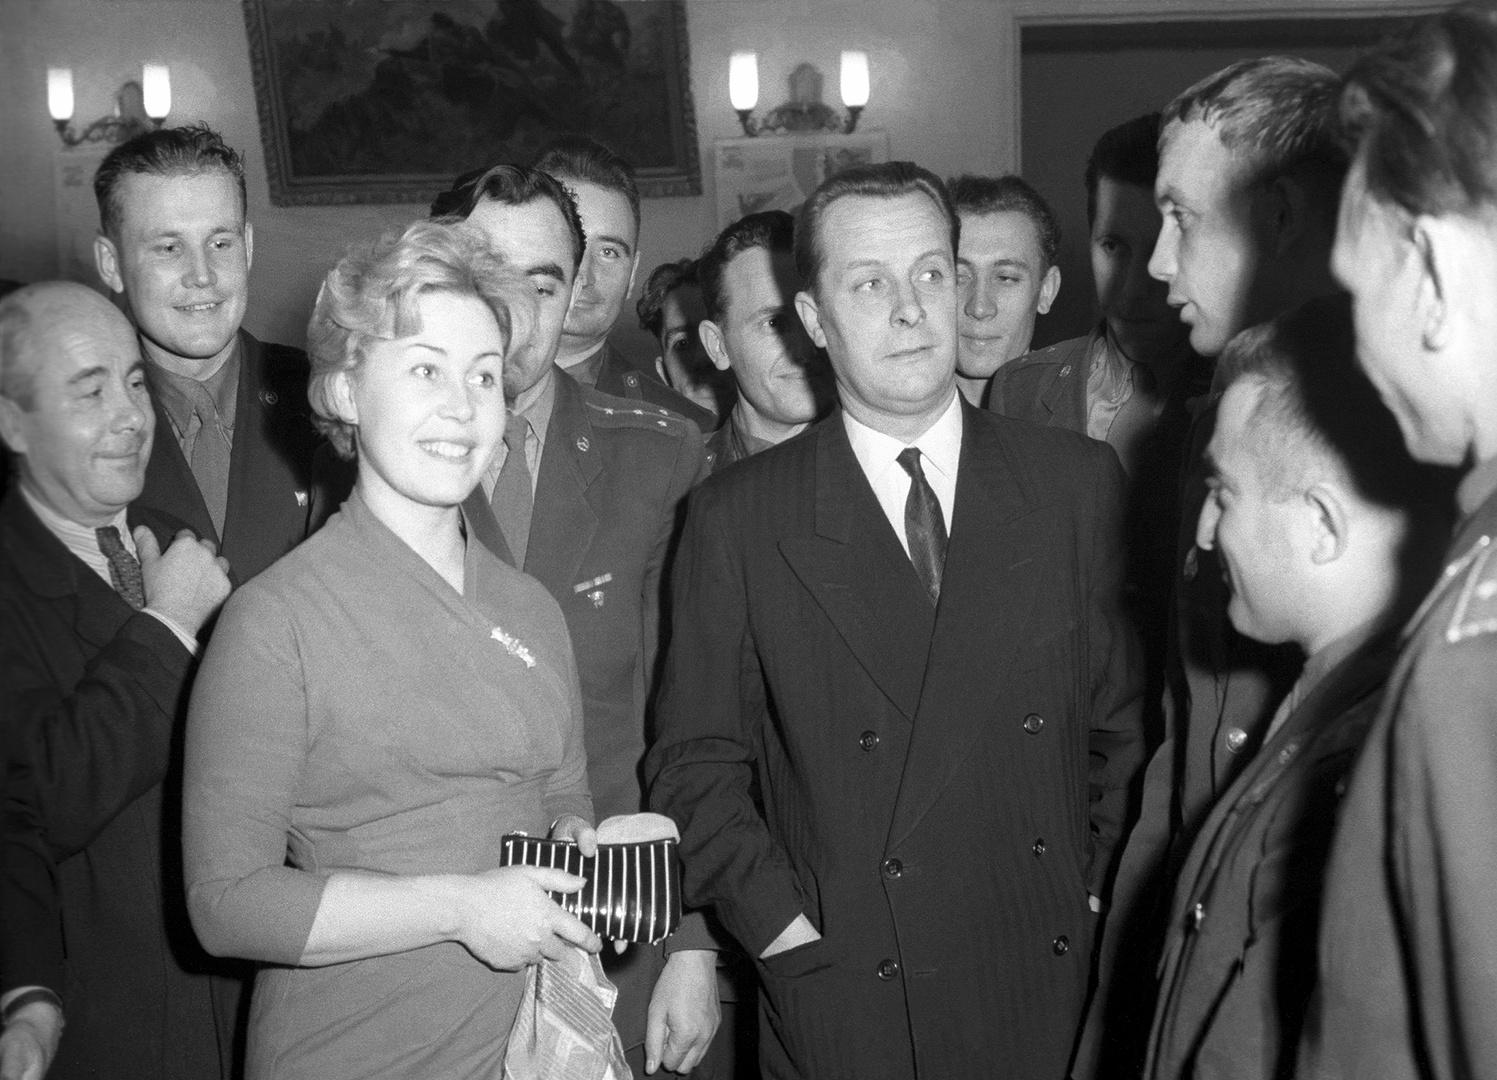 1960. Актеры Инна Макарова и Евгений Самойлов на творческой встрече